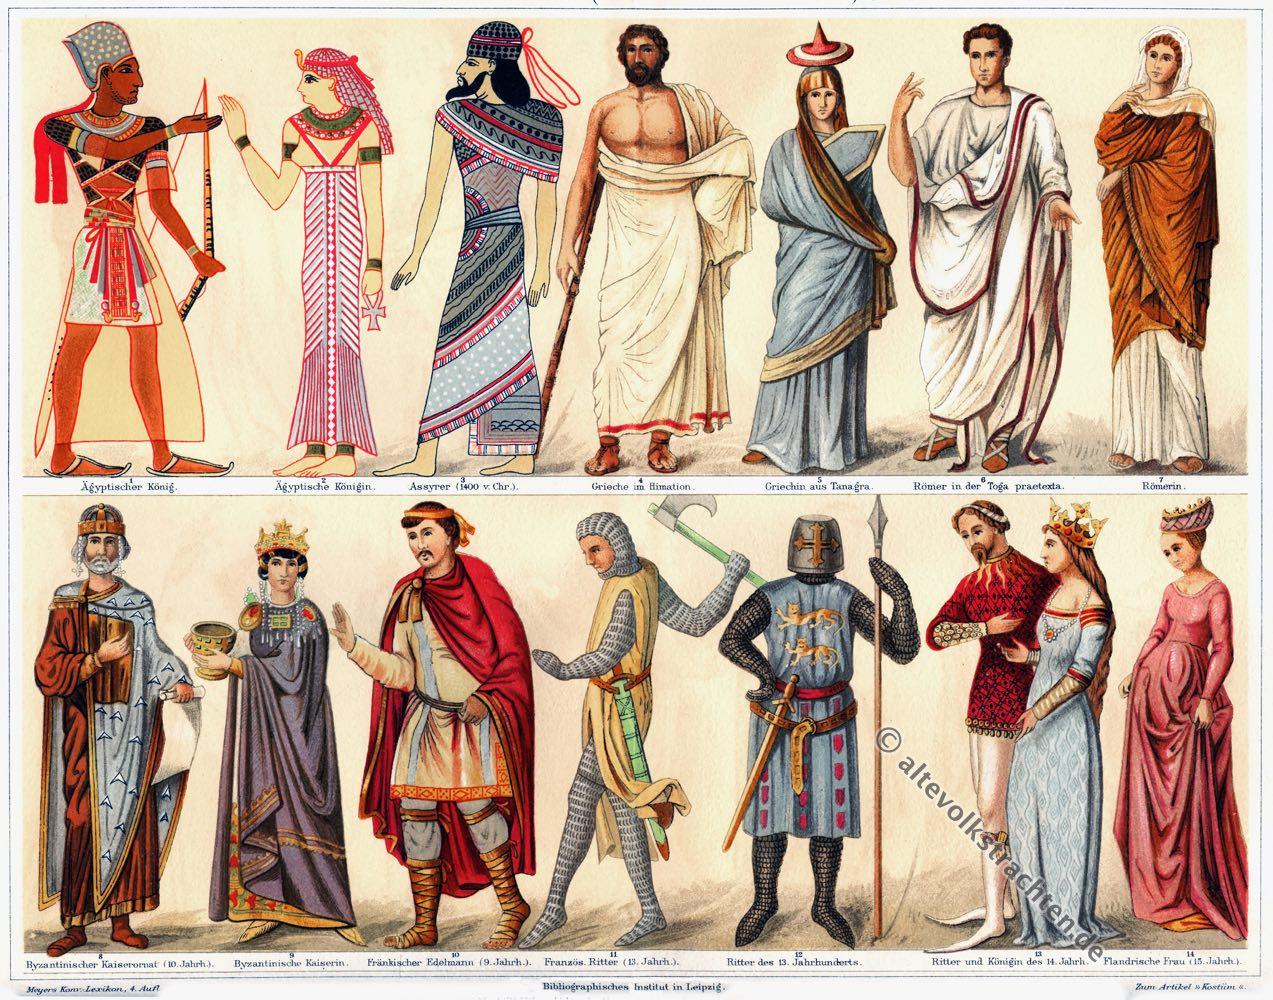 Kostüme, Altertum, Antike, Griechenland, Ägypten, Assyrien, Byzanz, Mittelalter, Modegeschichte, Kostümgeschichte